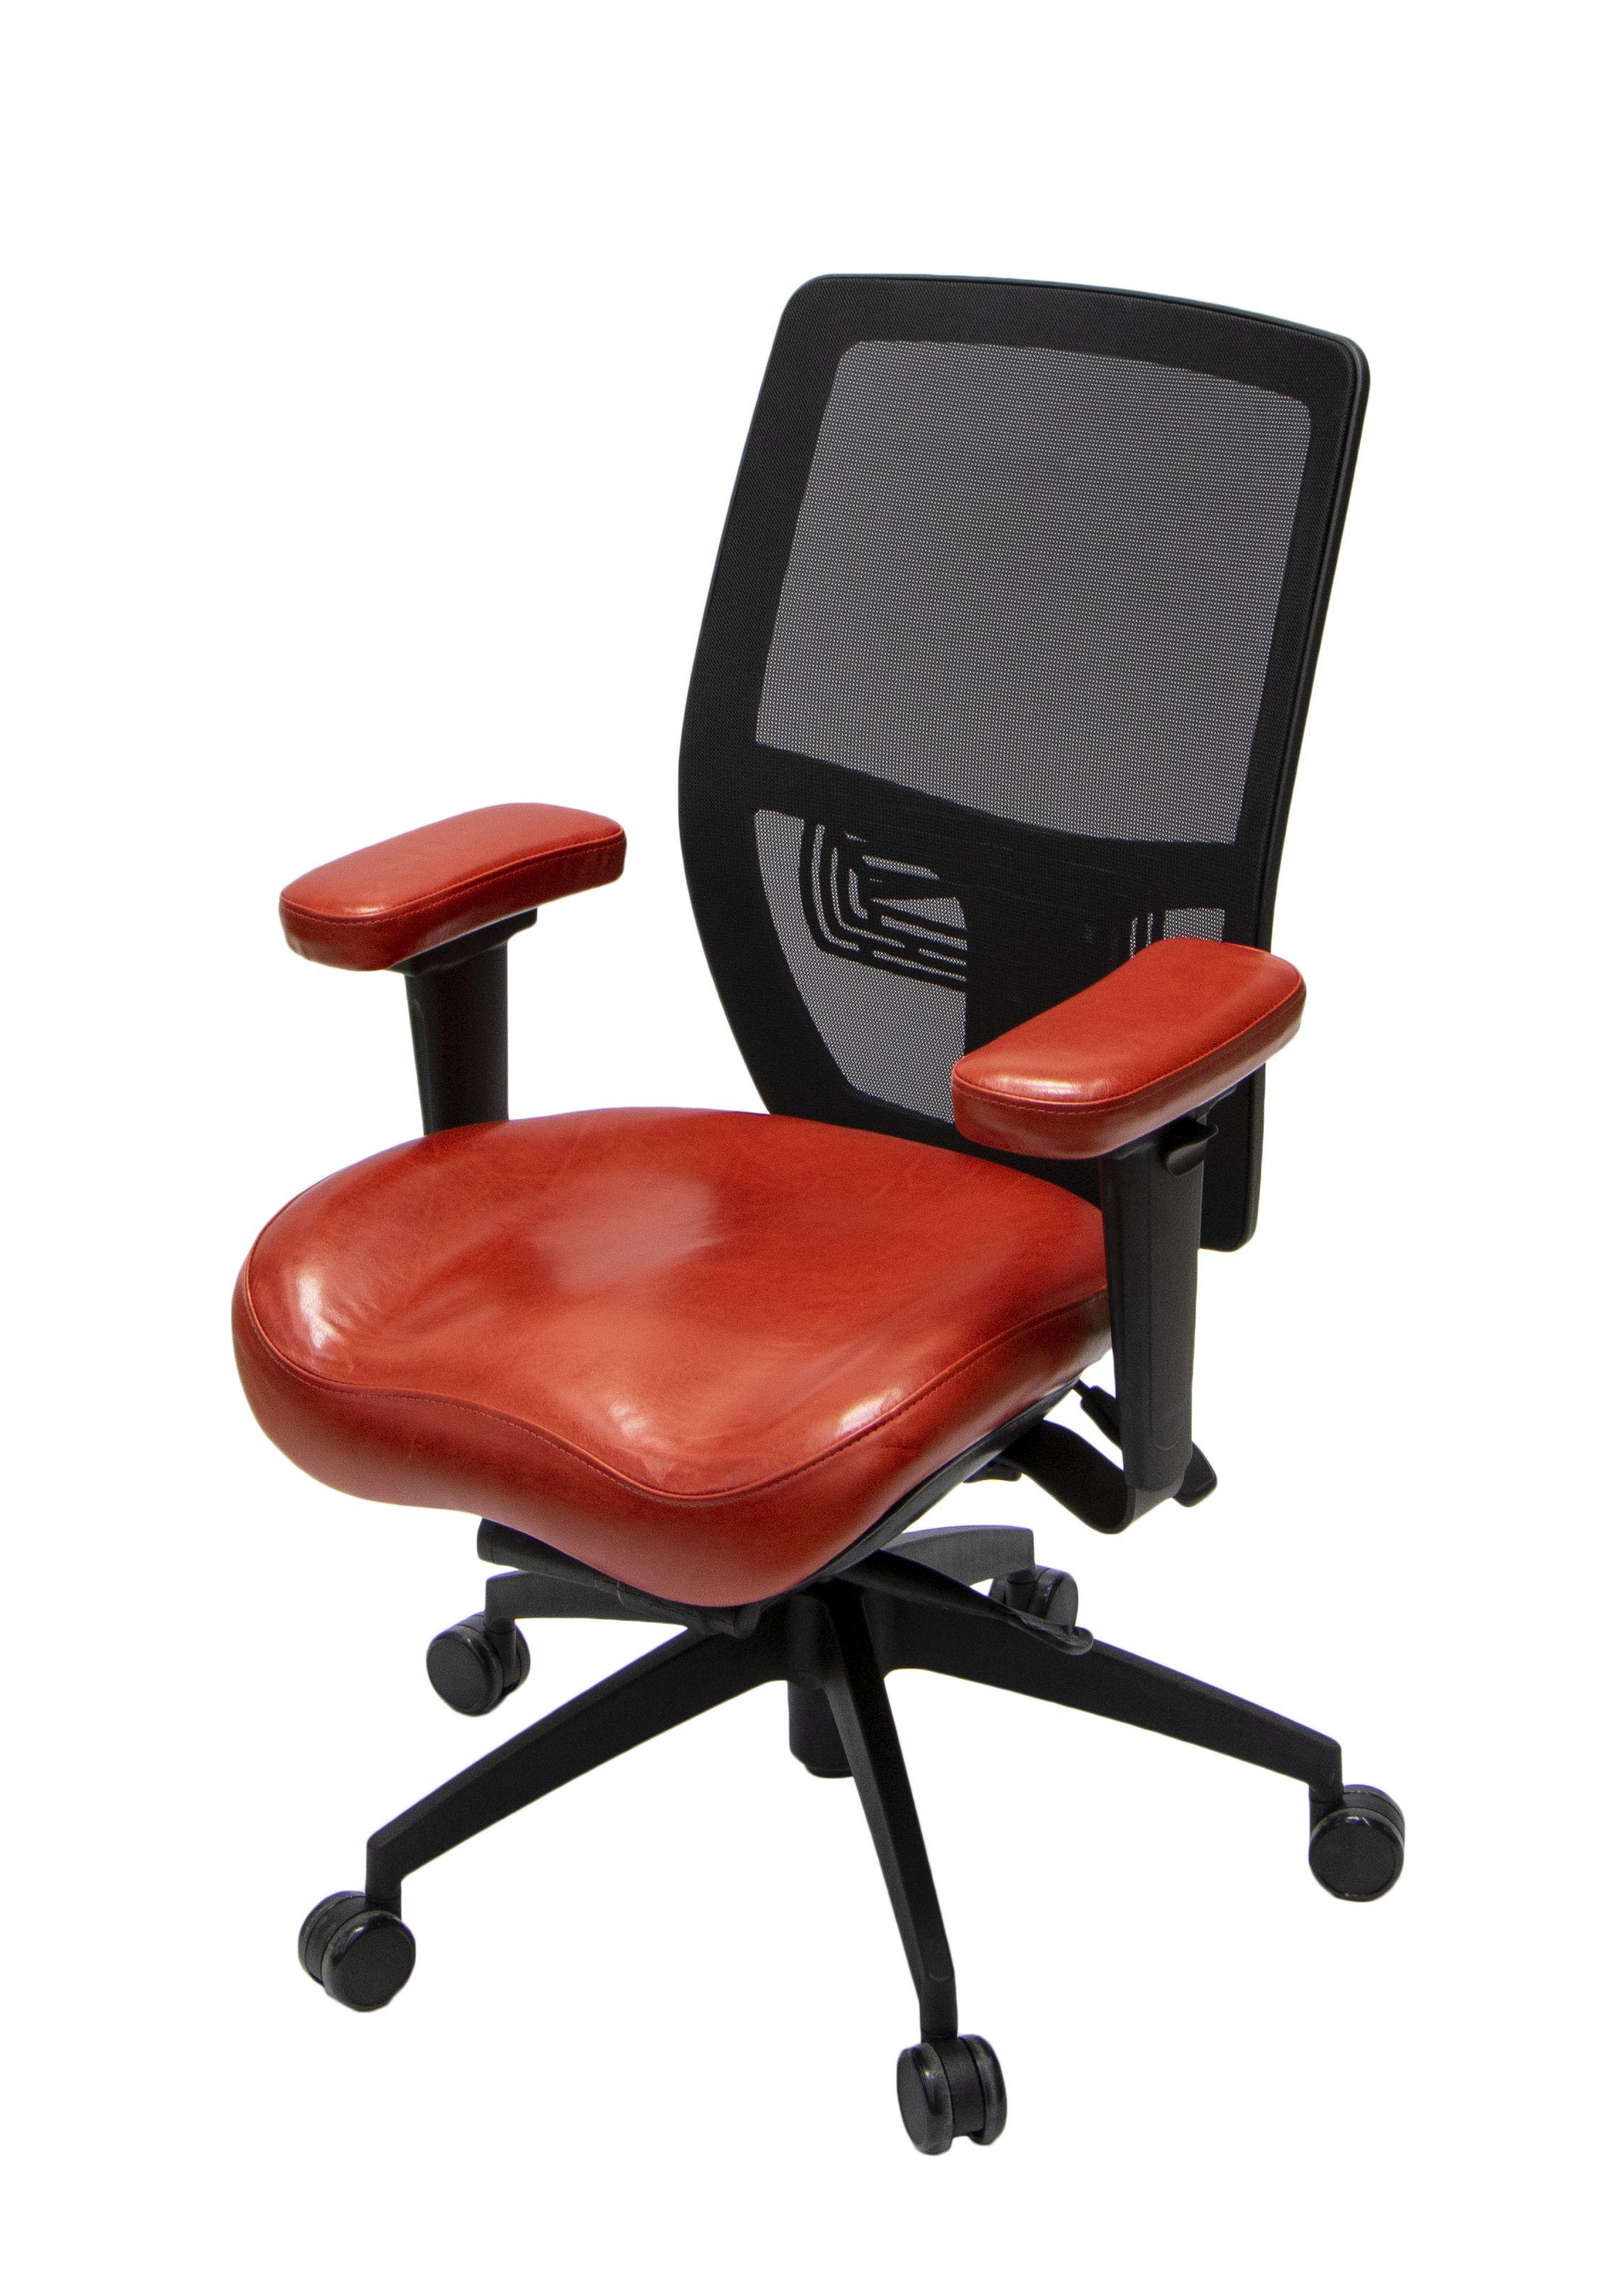 Cosmopolitan 320 Chair, Desk chair, Home decor